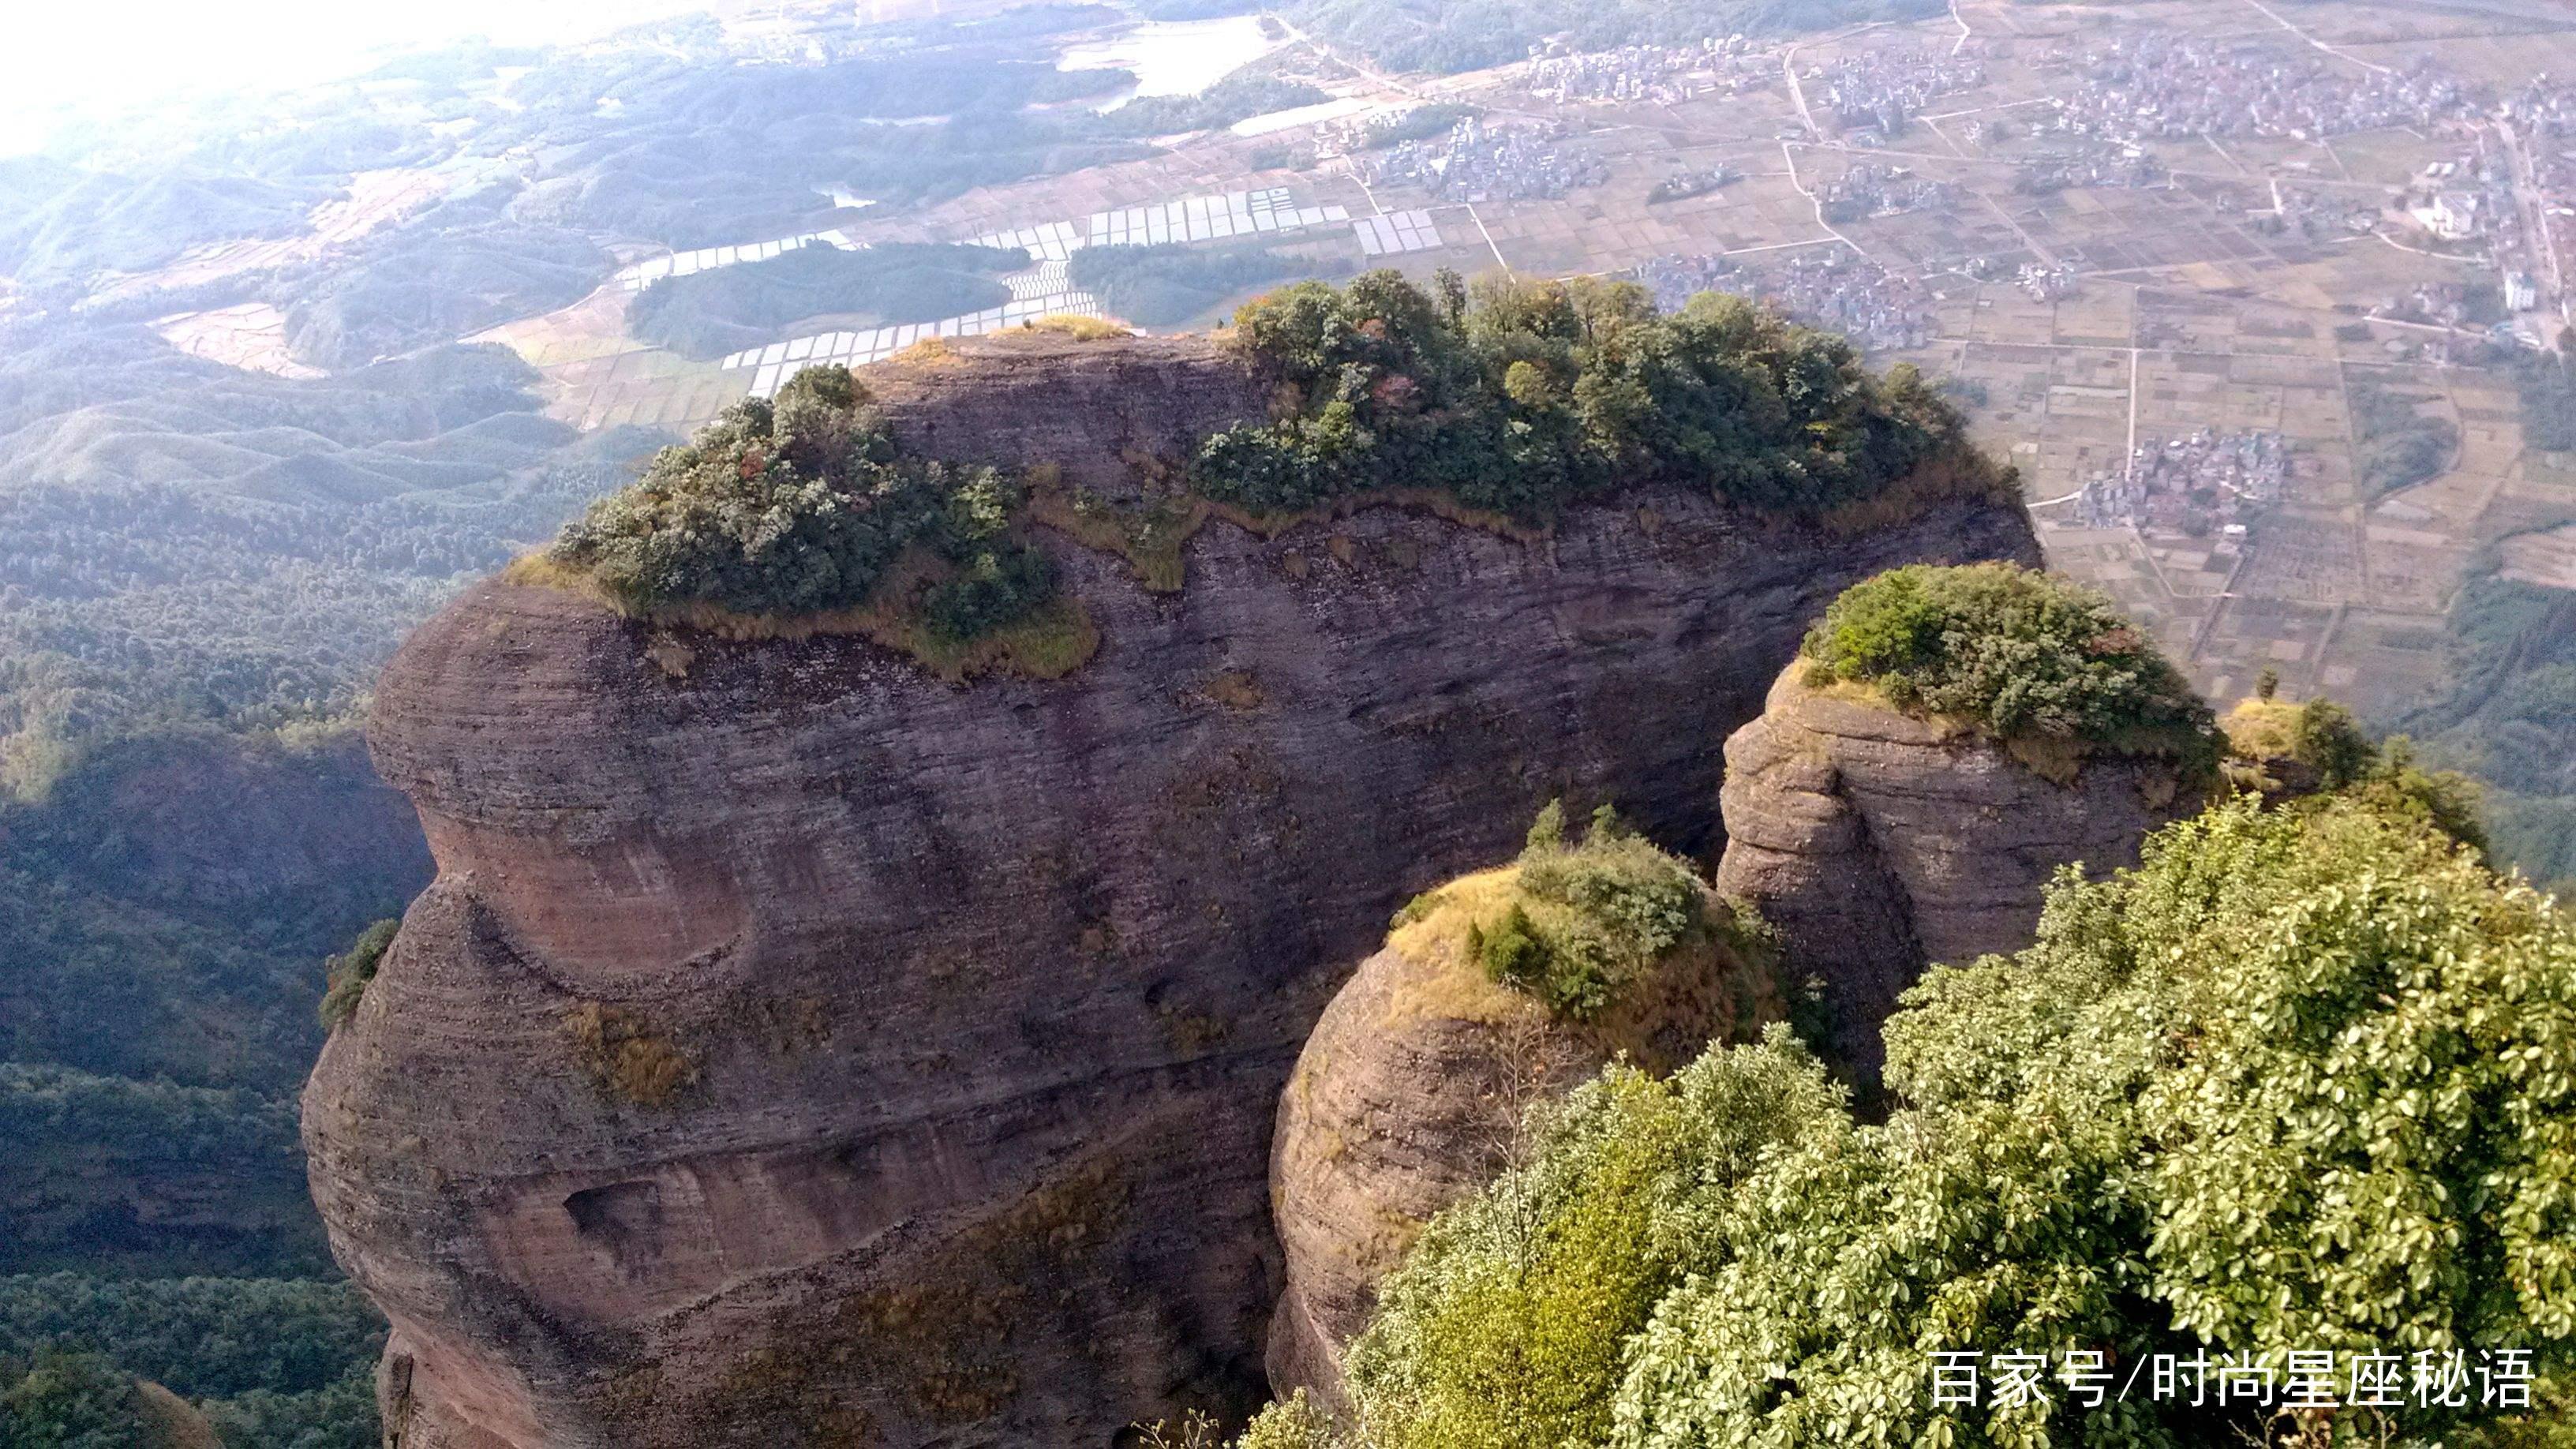 江郎山的风景就像大自然的神奇歌手,唱着清脆悦耳的歌,会让我们的心静